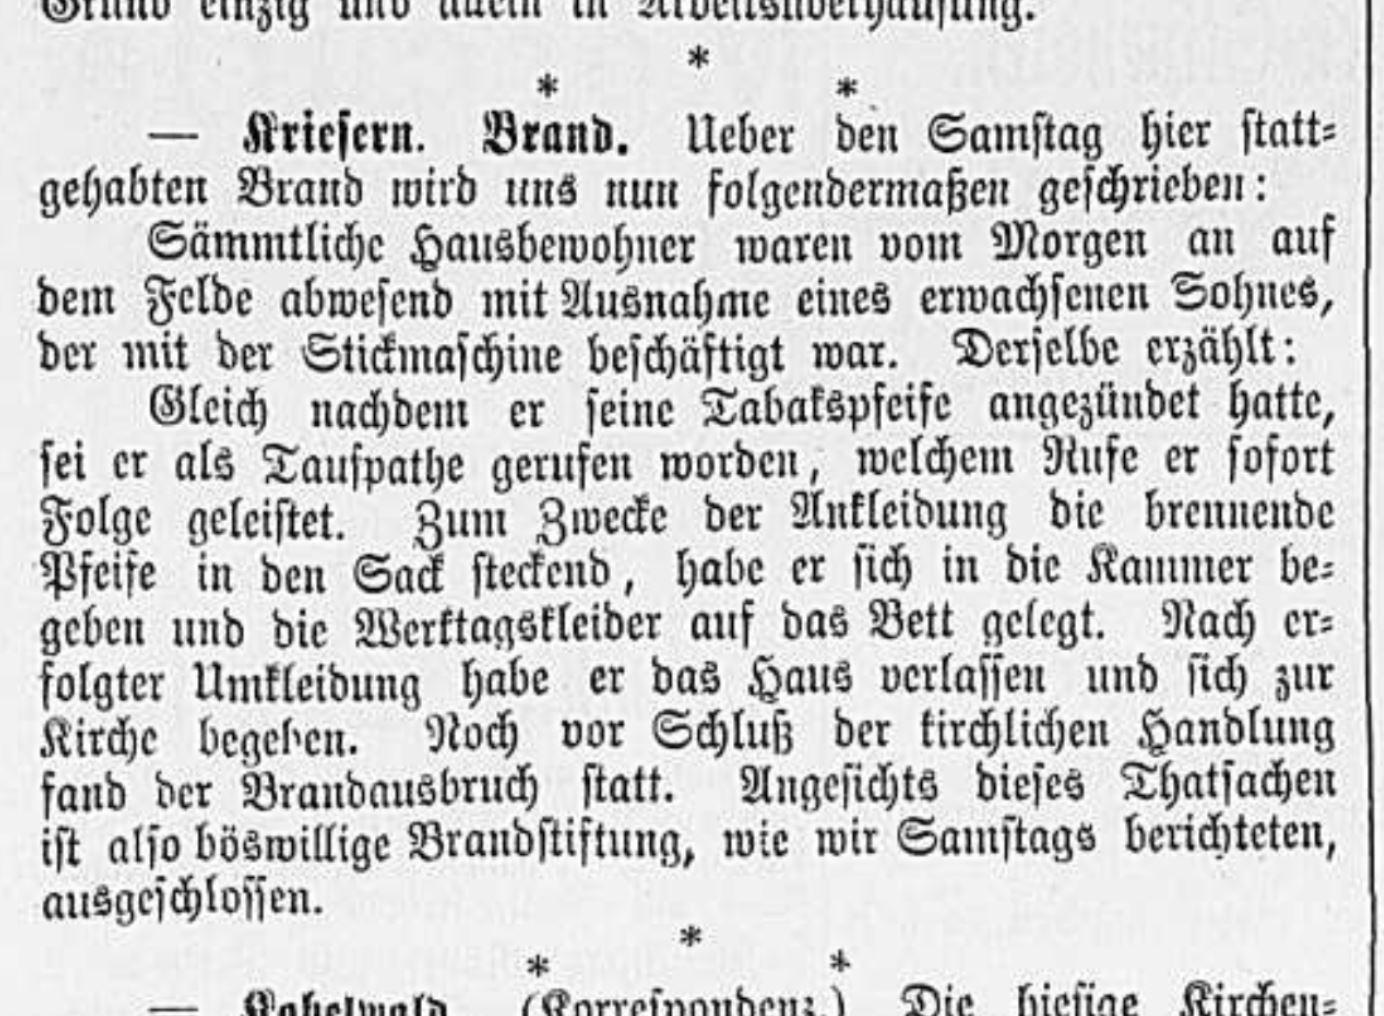 Alois Hutter der kleine Pfeifenraucher (1892)